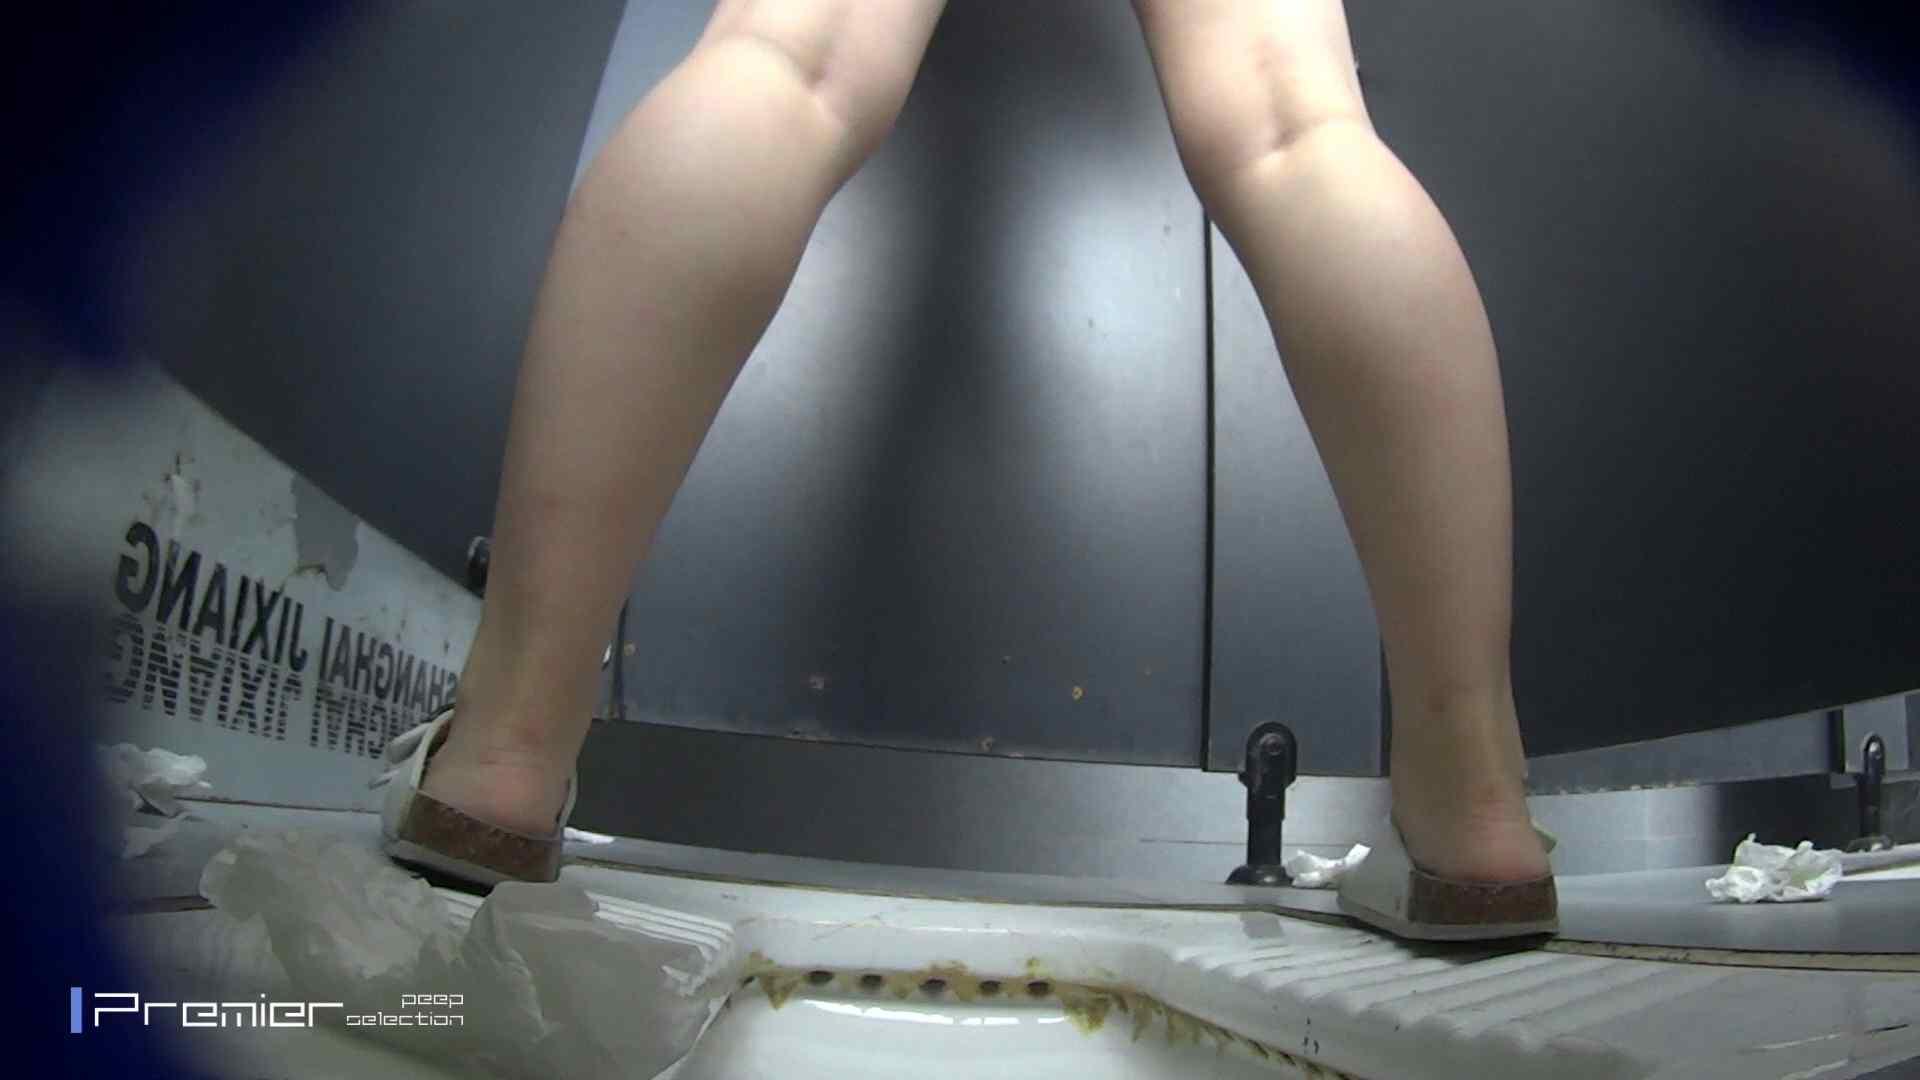 聖水ダラダラ色美女の洗面所 大学休憩時間の洗面所事情55 細身・スレンダー おまんこ動画流出 107画像 105